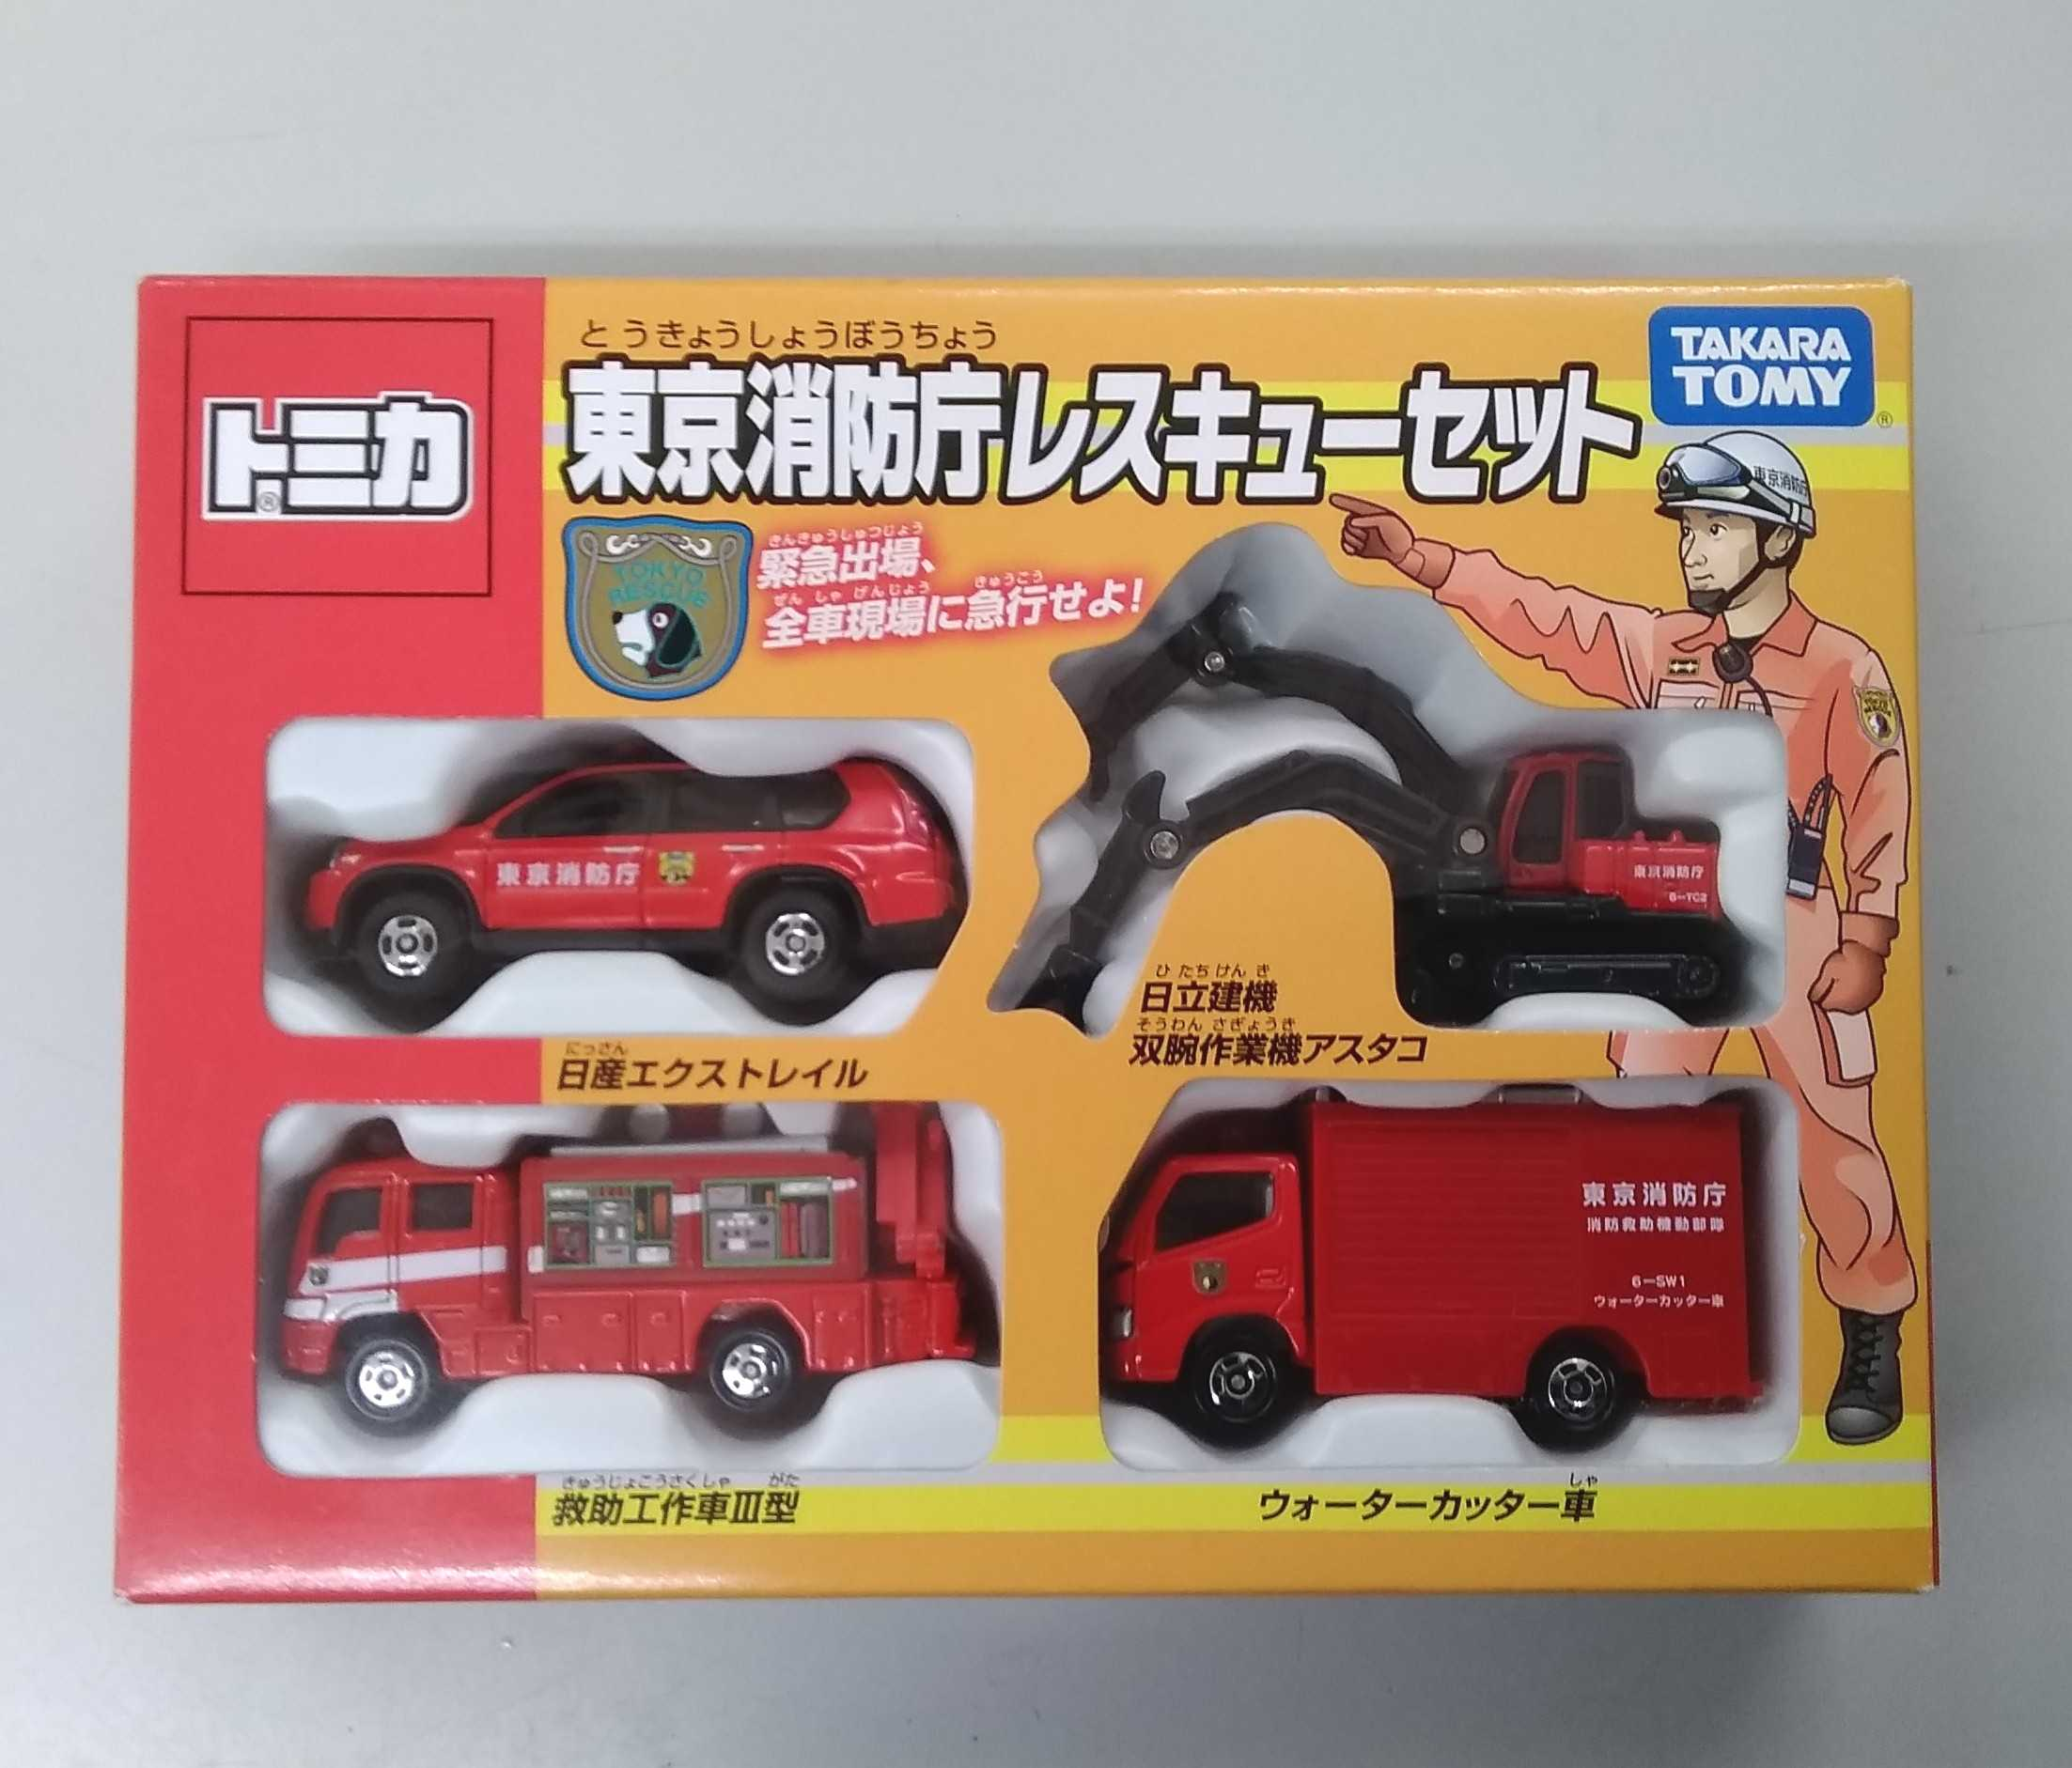 【未開封品】トミカ 東京消防庁レスキューセット|TAKARA TOMY